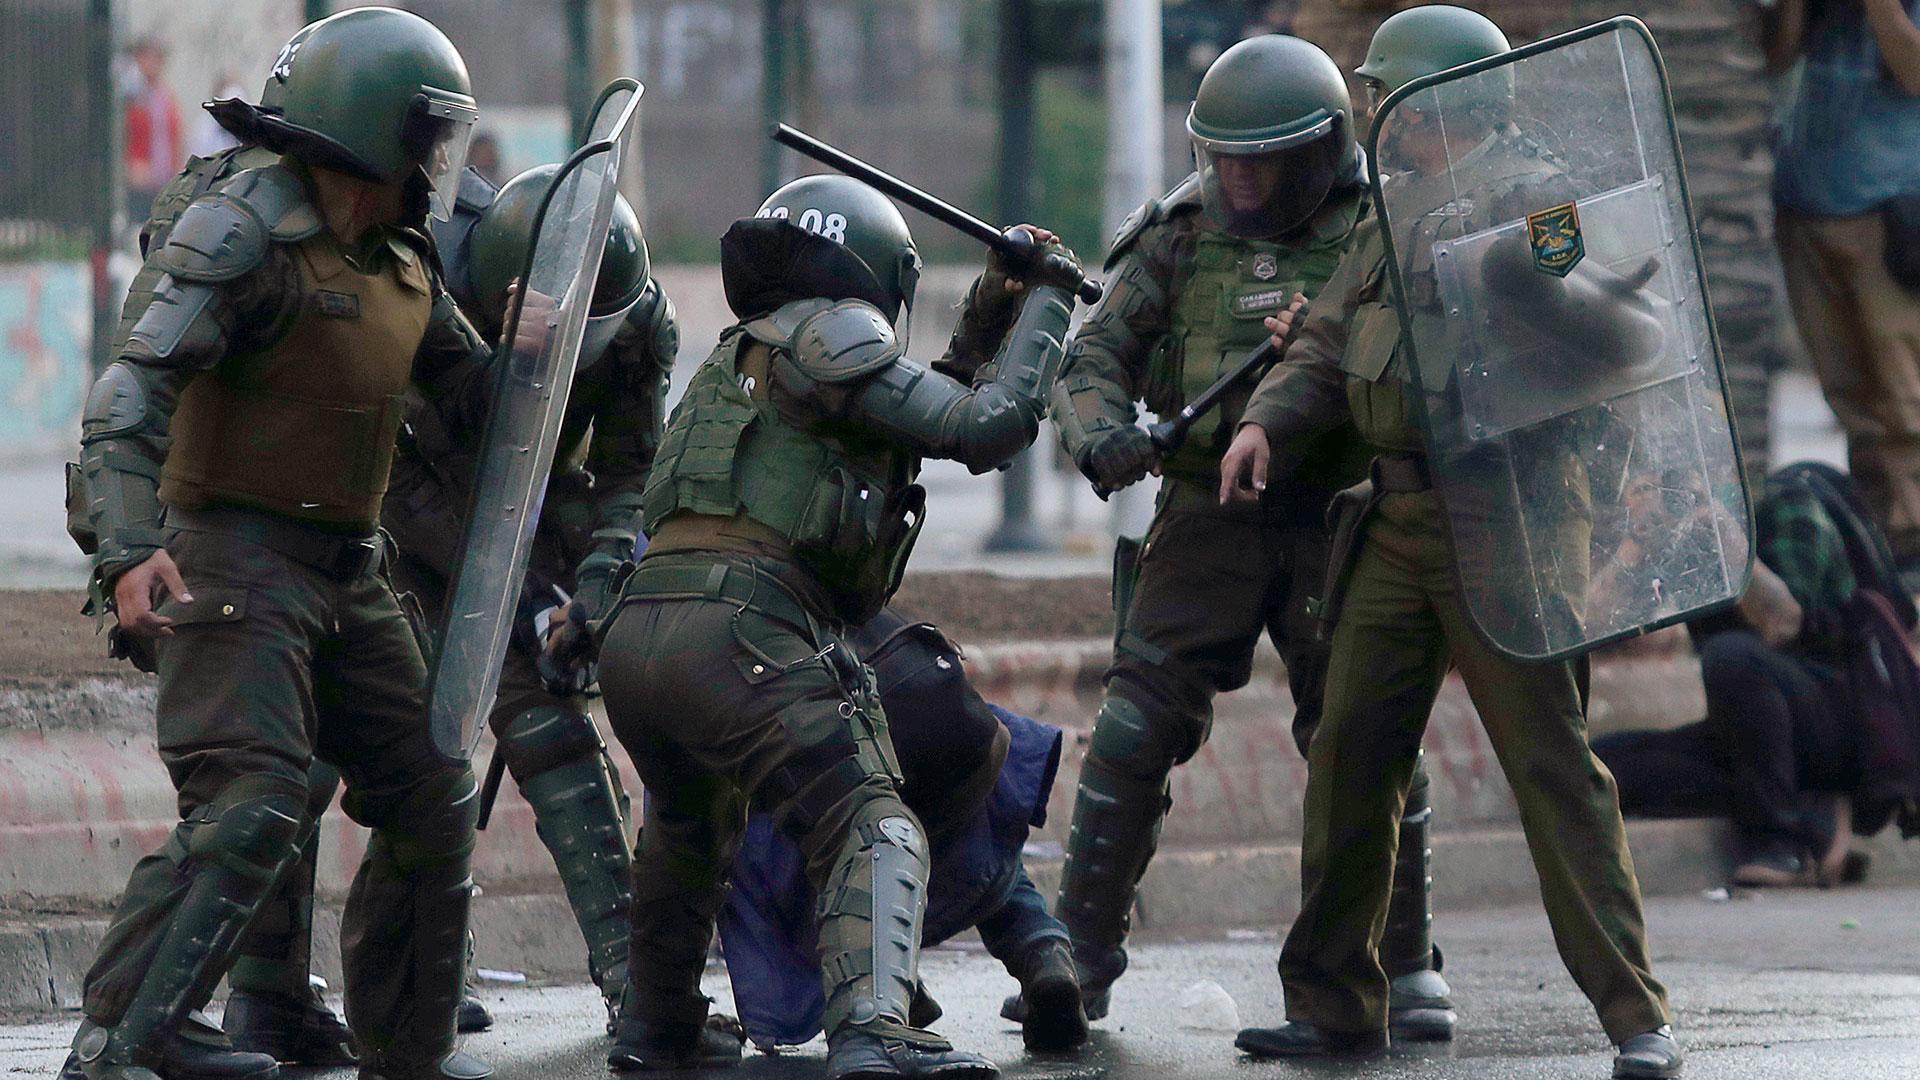 Amnistía Internacional: Mandos de Carabineros deben ser investigados penalmente por violaciones de derechos humanos